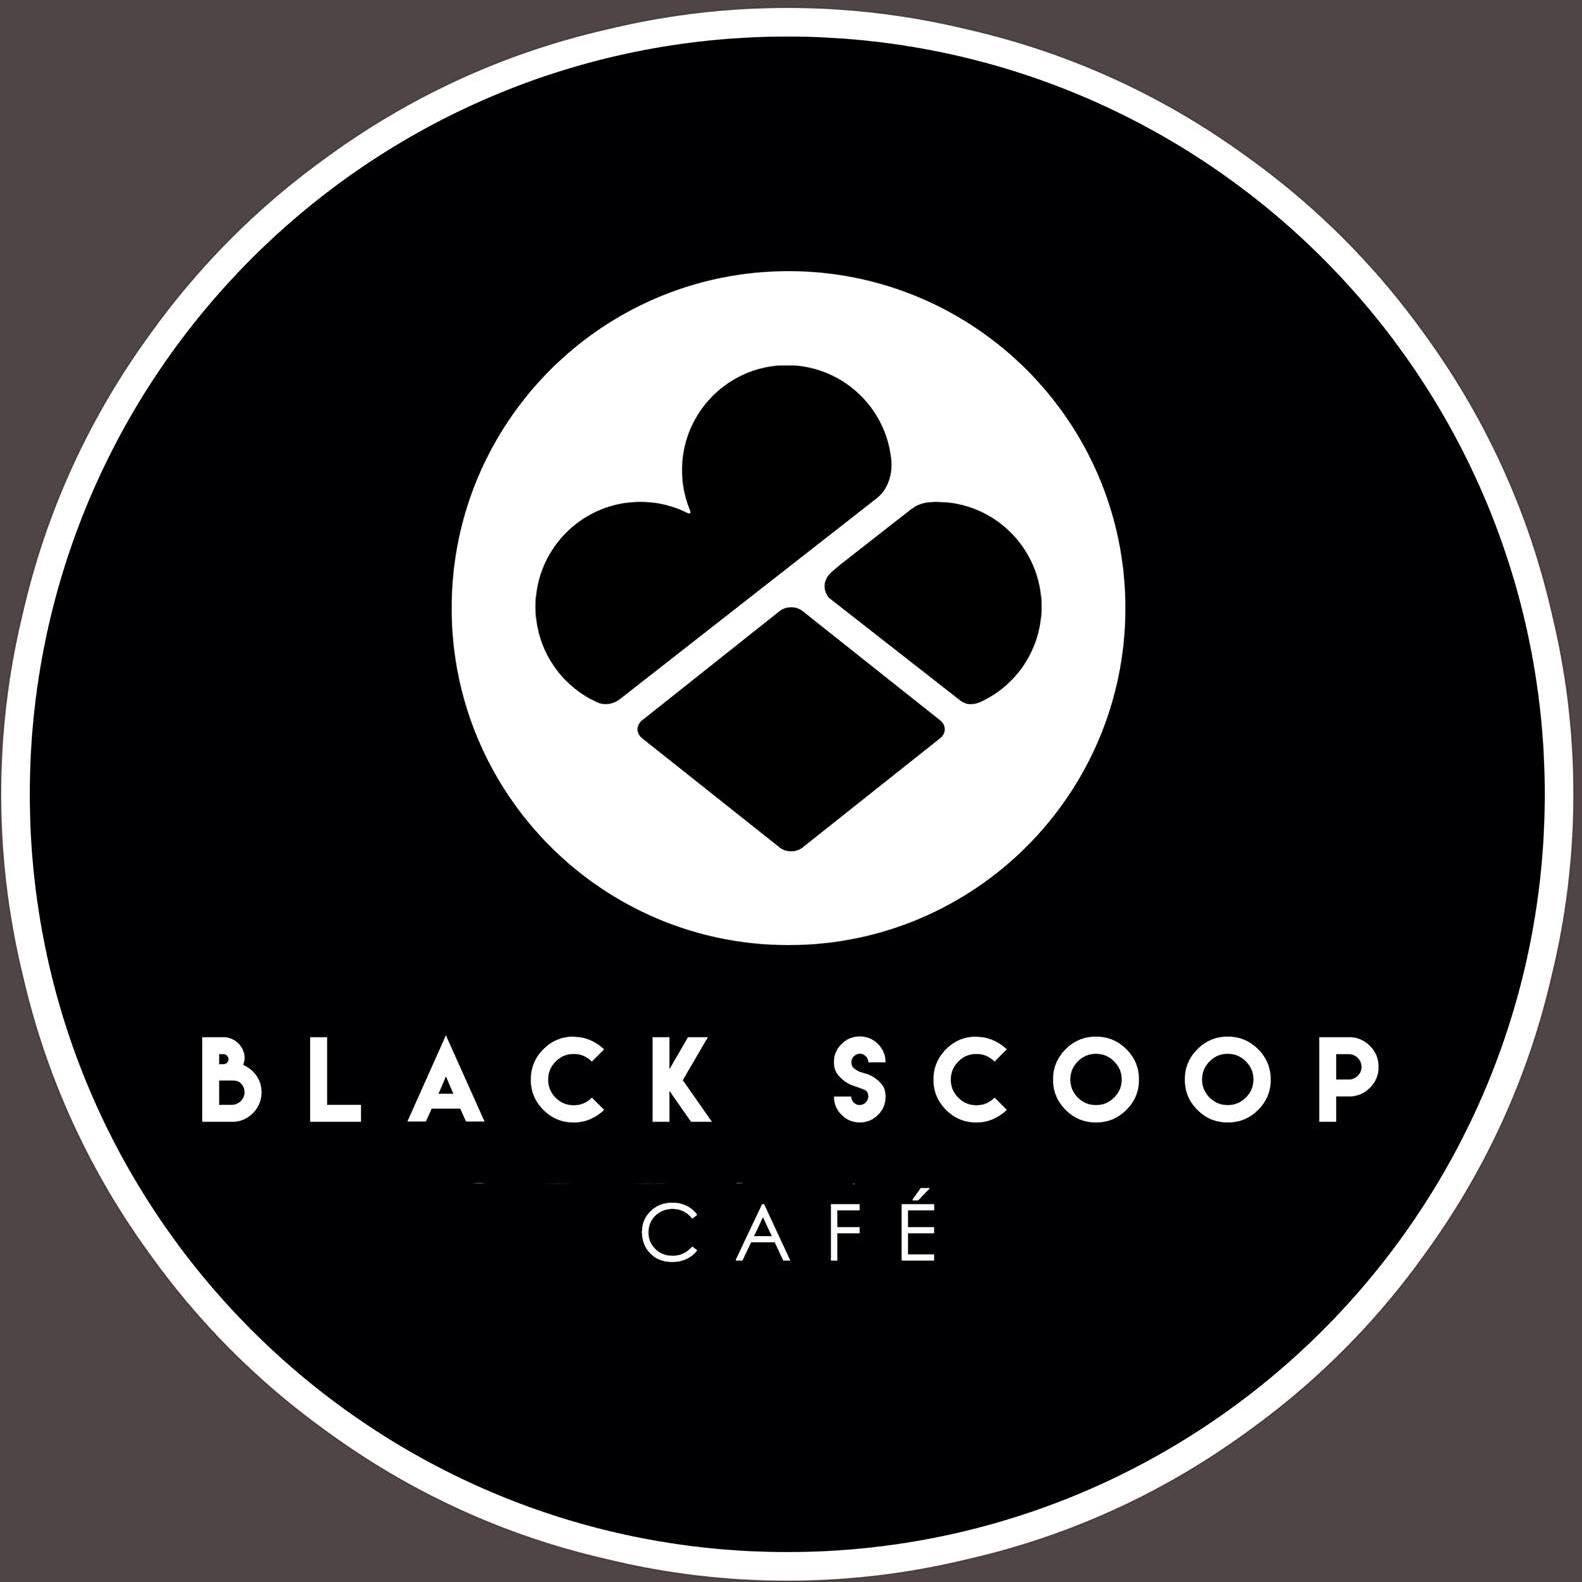 Black Scoop Cafe brand logo